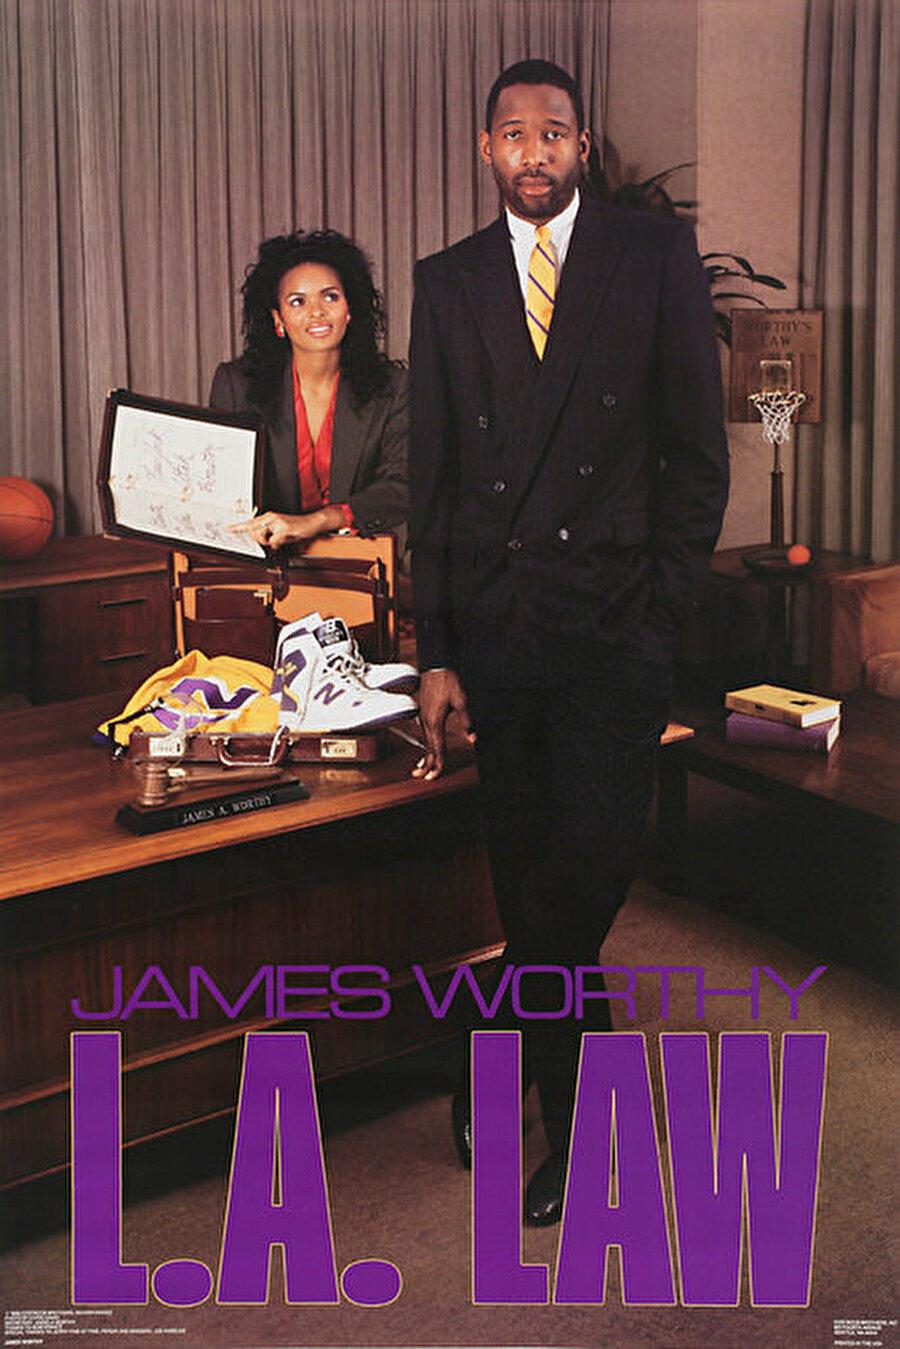 James Worthy James Worthy, NBA ekiplerinden Los Angeles Lakers'da forma giyen efsane isimlerden biridir.